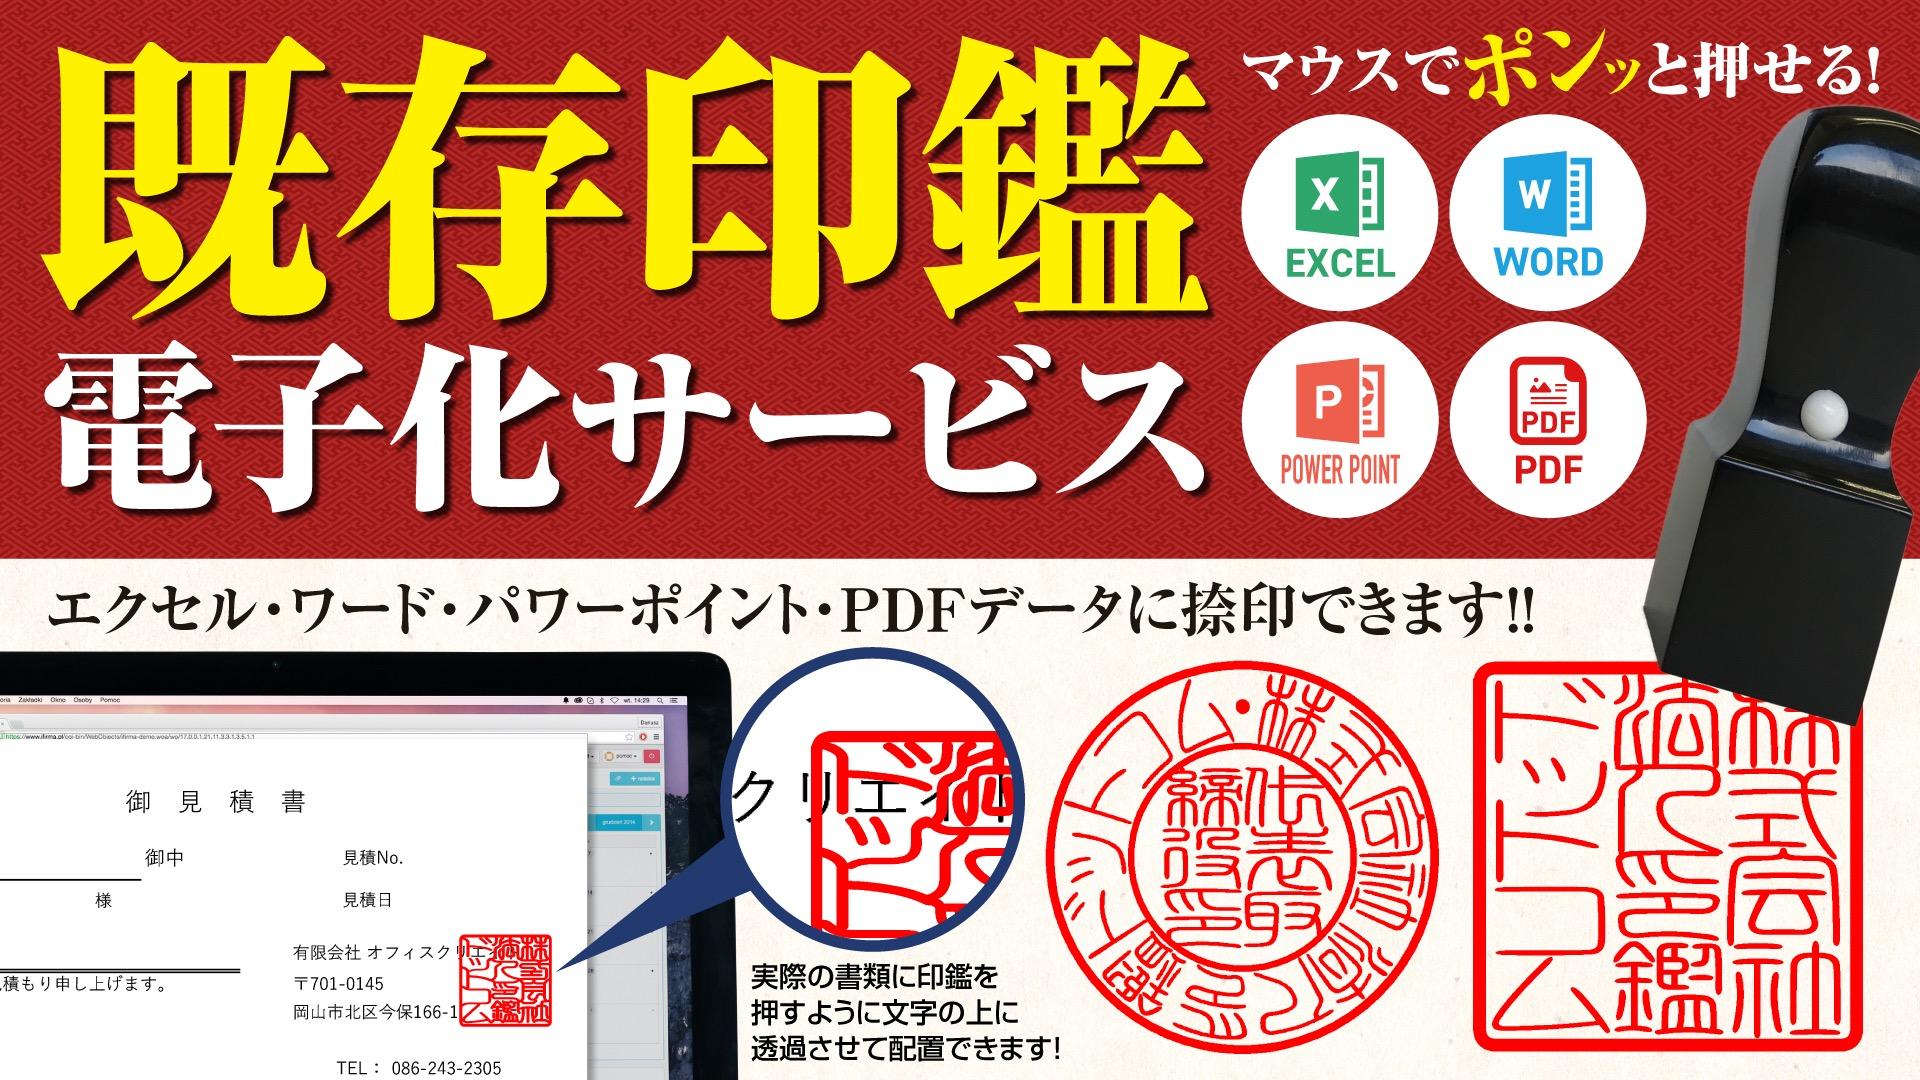 既存印鑑の電子印鑑化サービス